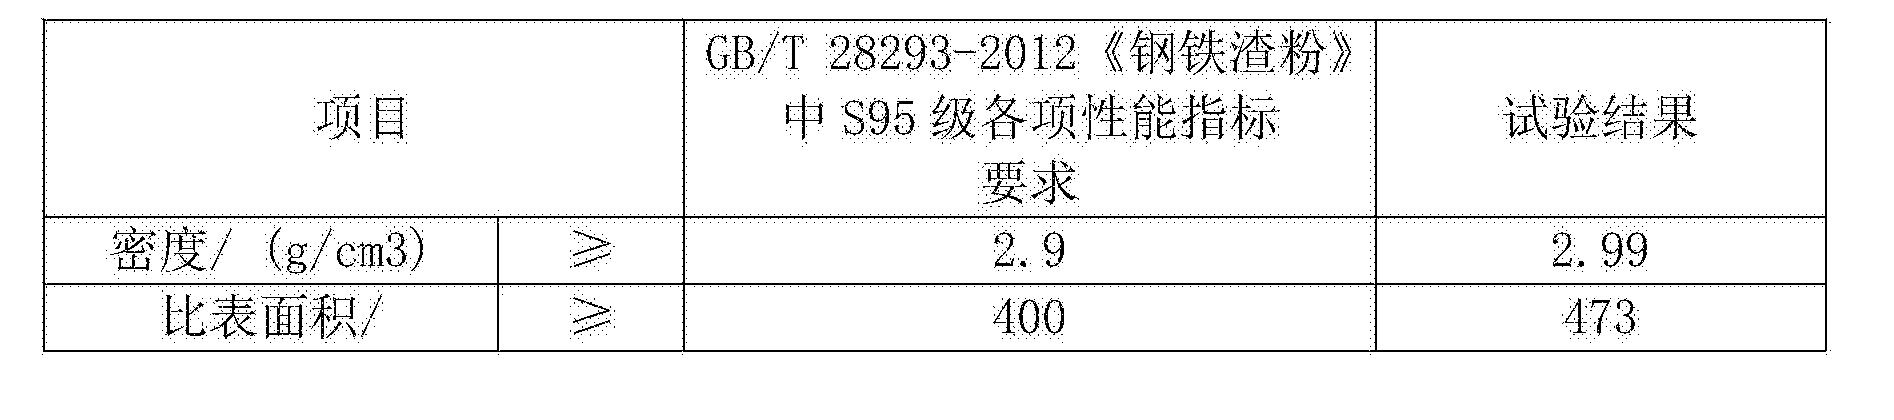 Figure CN105399349BD00092